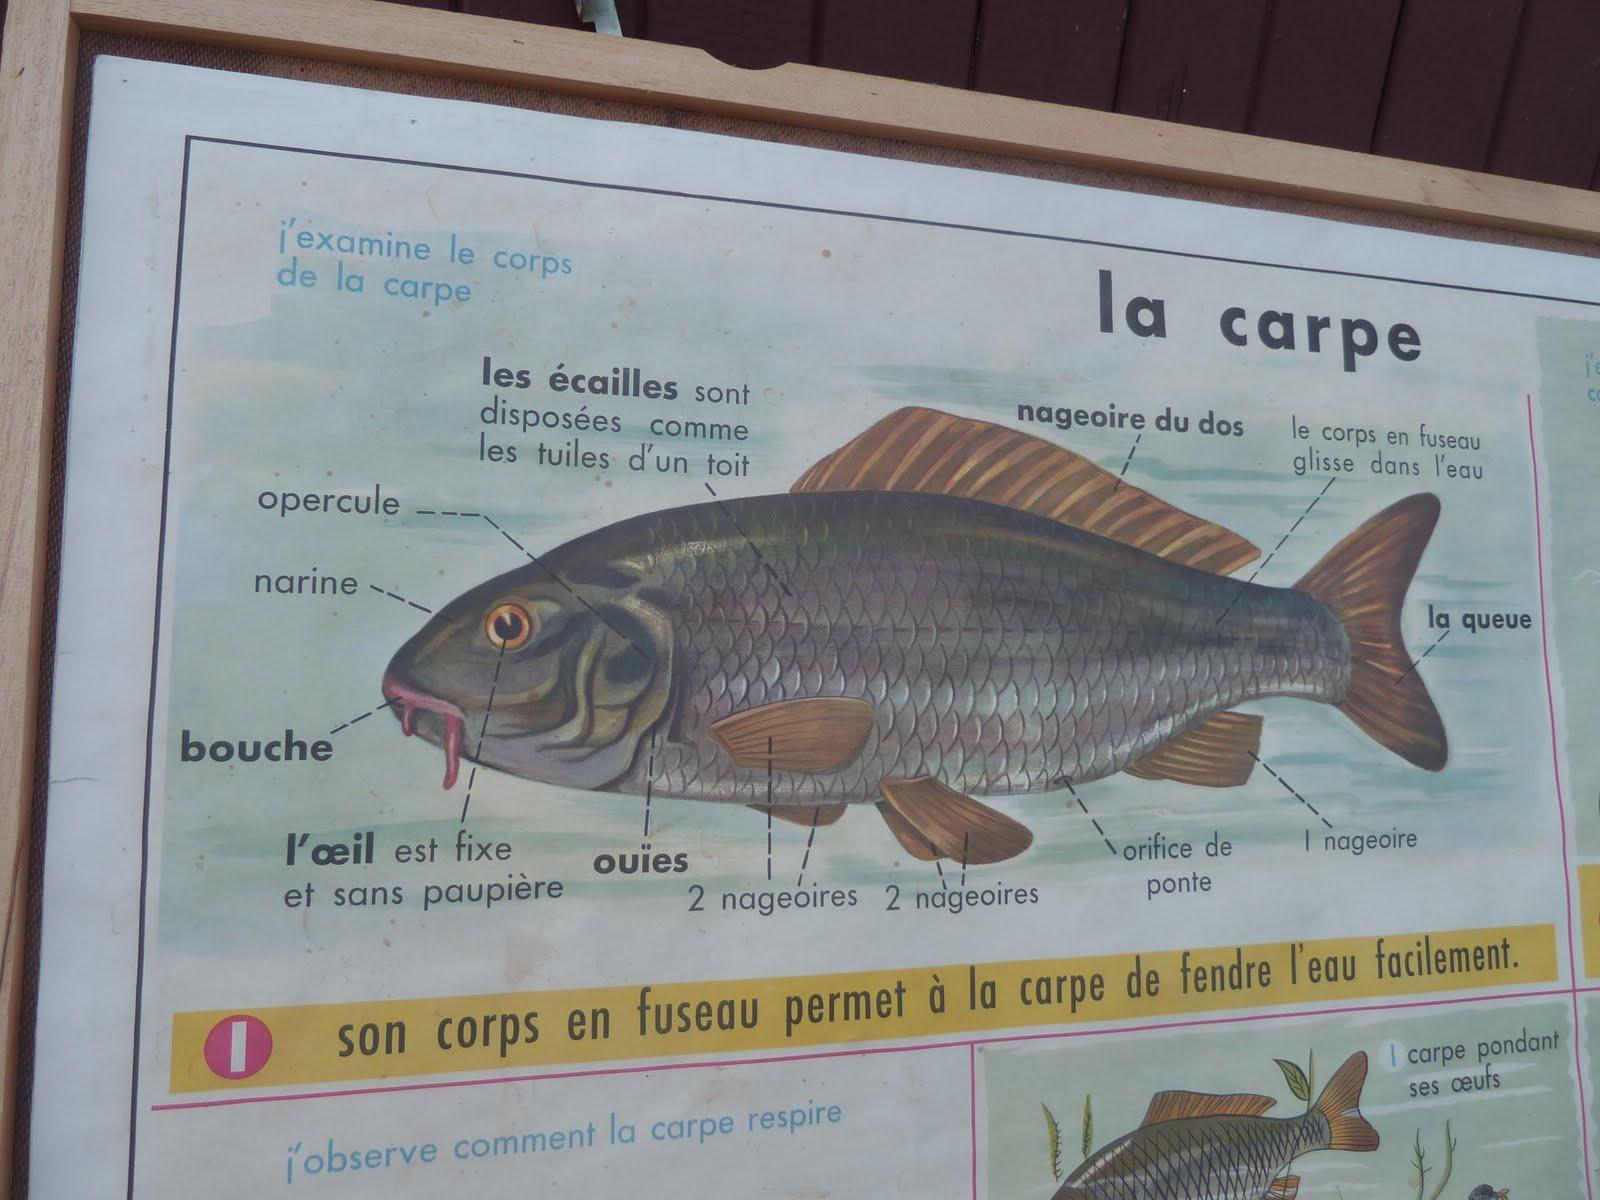 Ecole fmr 1000 affiches scolaires la carpe les poissons for Poisson carpe